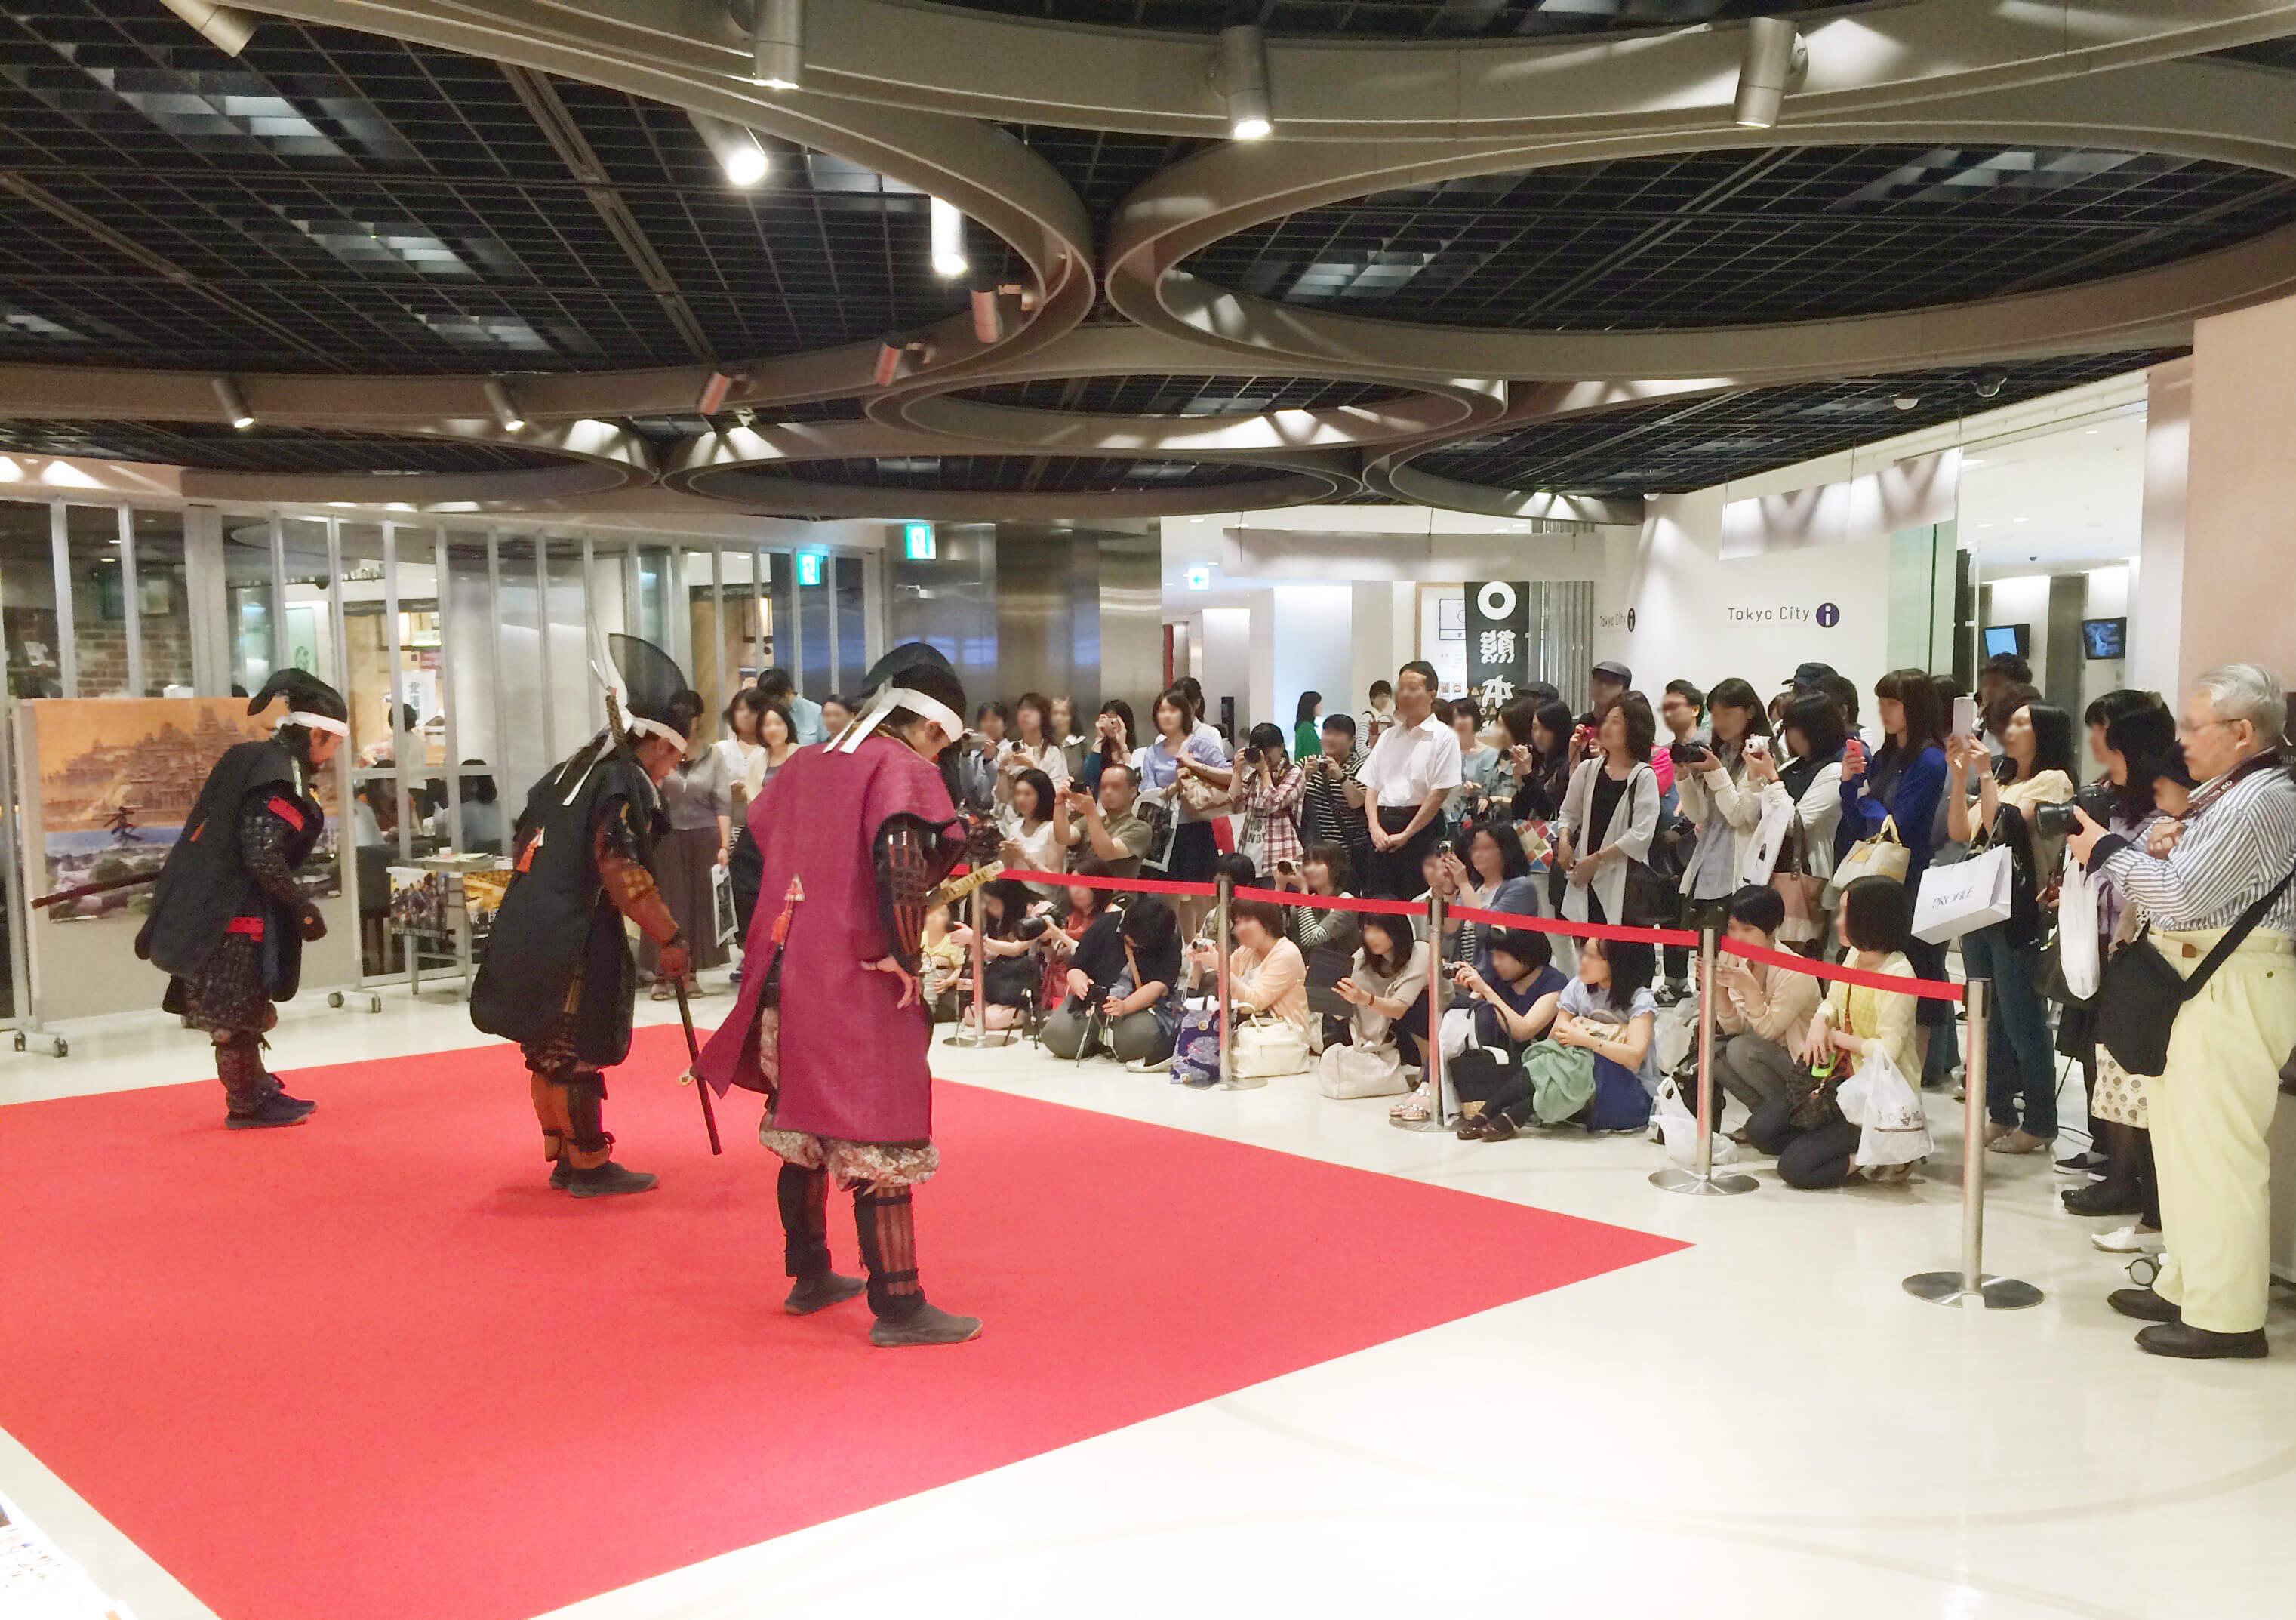 JTB熊本支店様が事務局を務める「熊本市ふるさと旅行券」におけるイベント  「来なっせ!熊本市もてなす券発売プレキャンペーンin東京」の事前制作、実施運営をさせて頂きました。